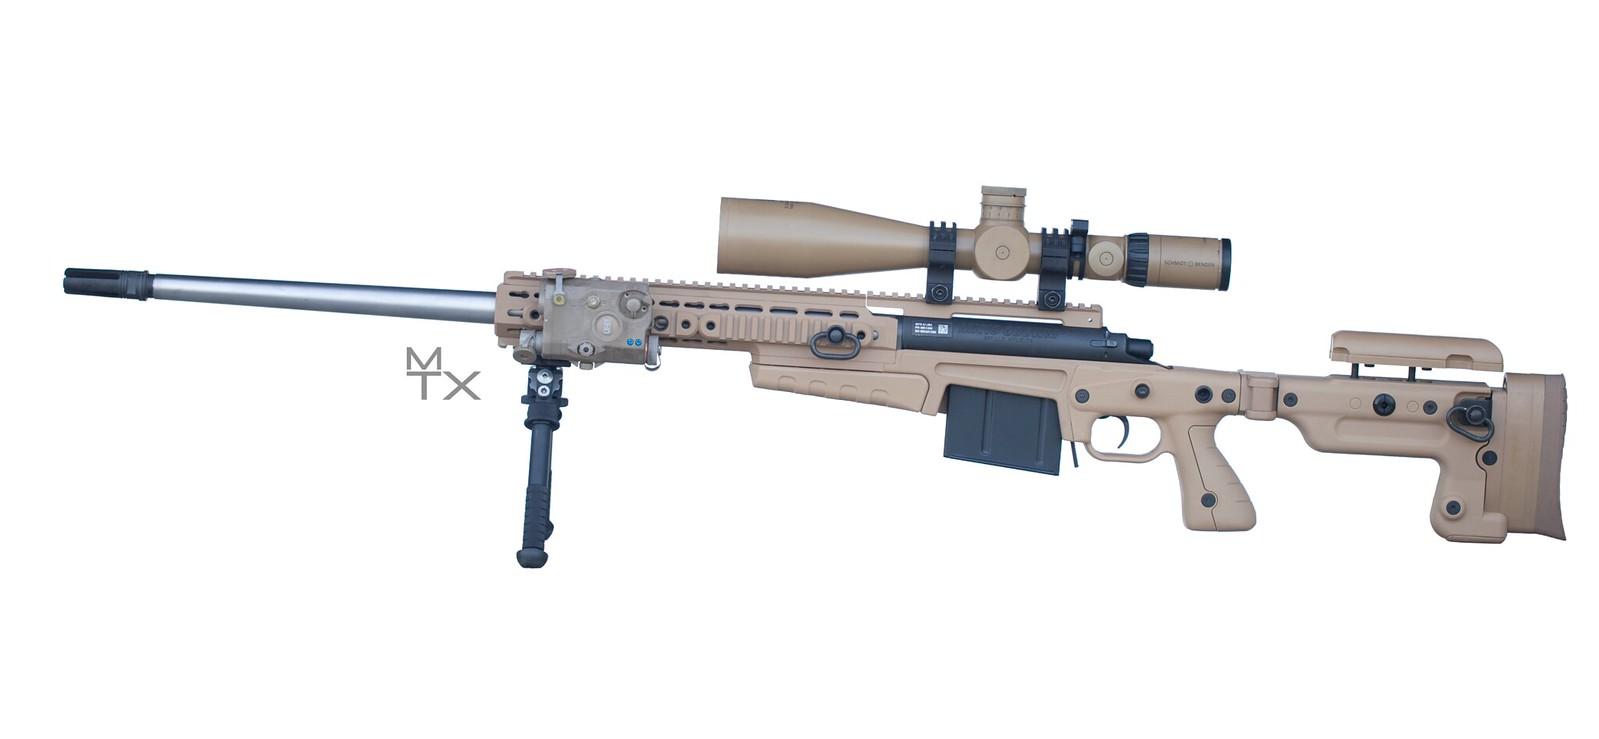 The Mk13 Mod 5 rifle Navy issue 300 Win Mag Guns Guns